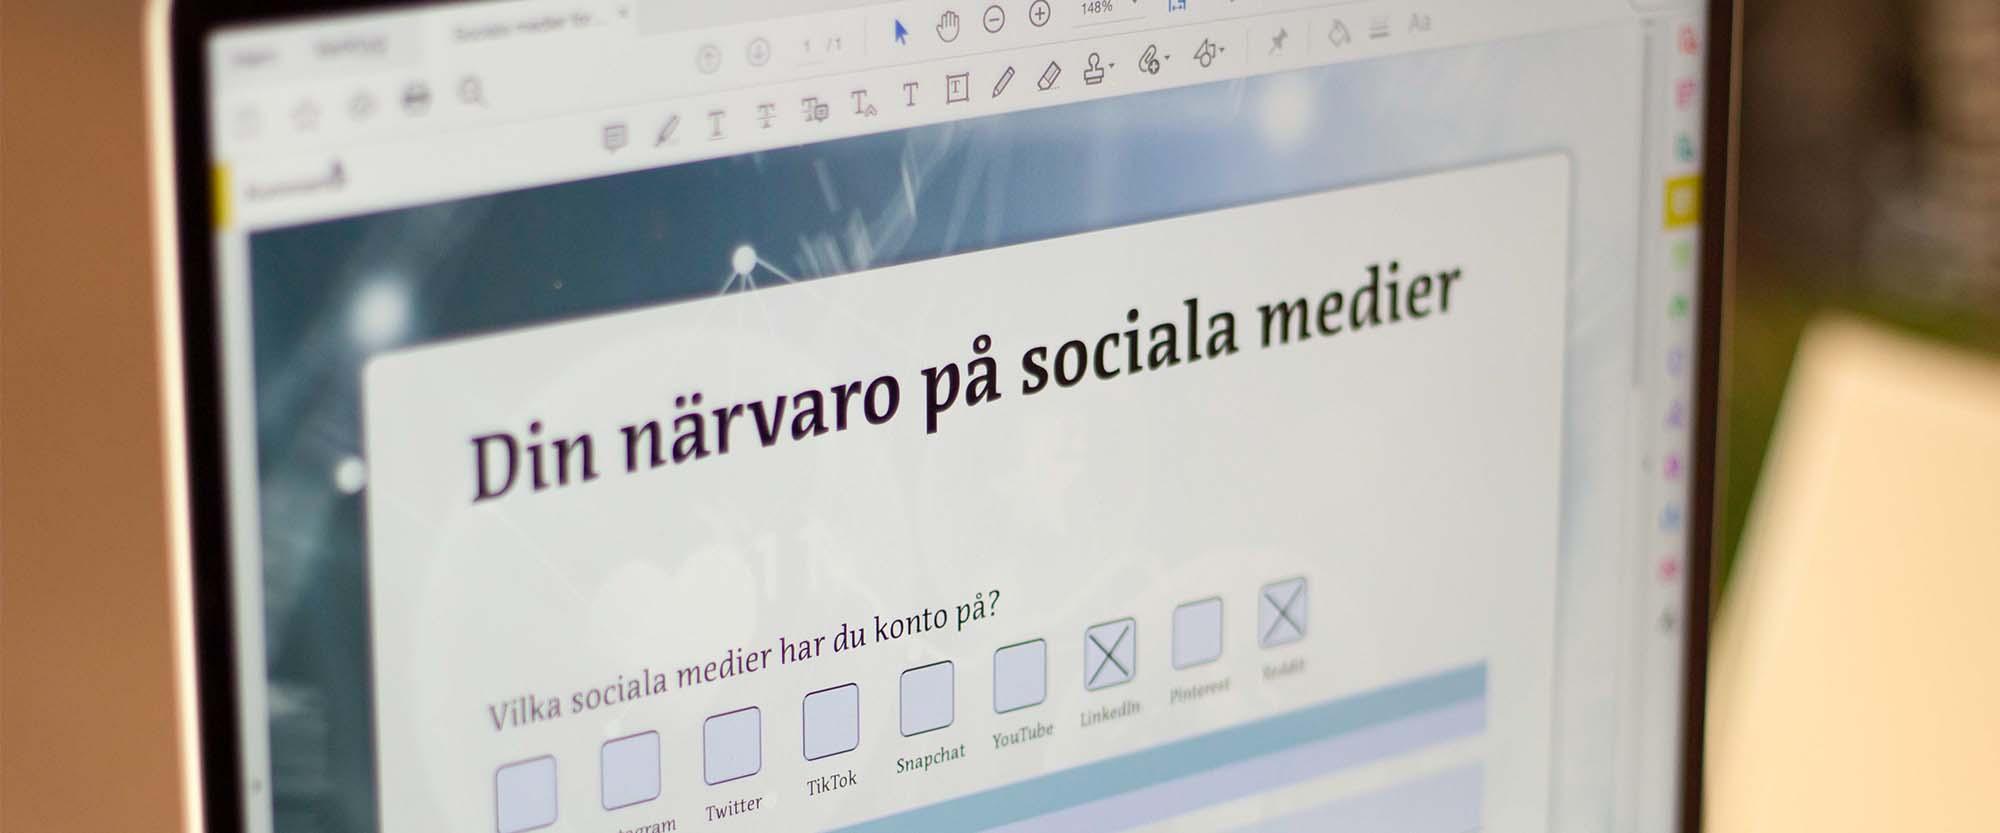 Onlinekurs Skapa formulär med Acrobat Pro